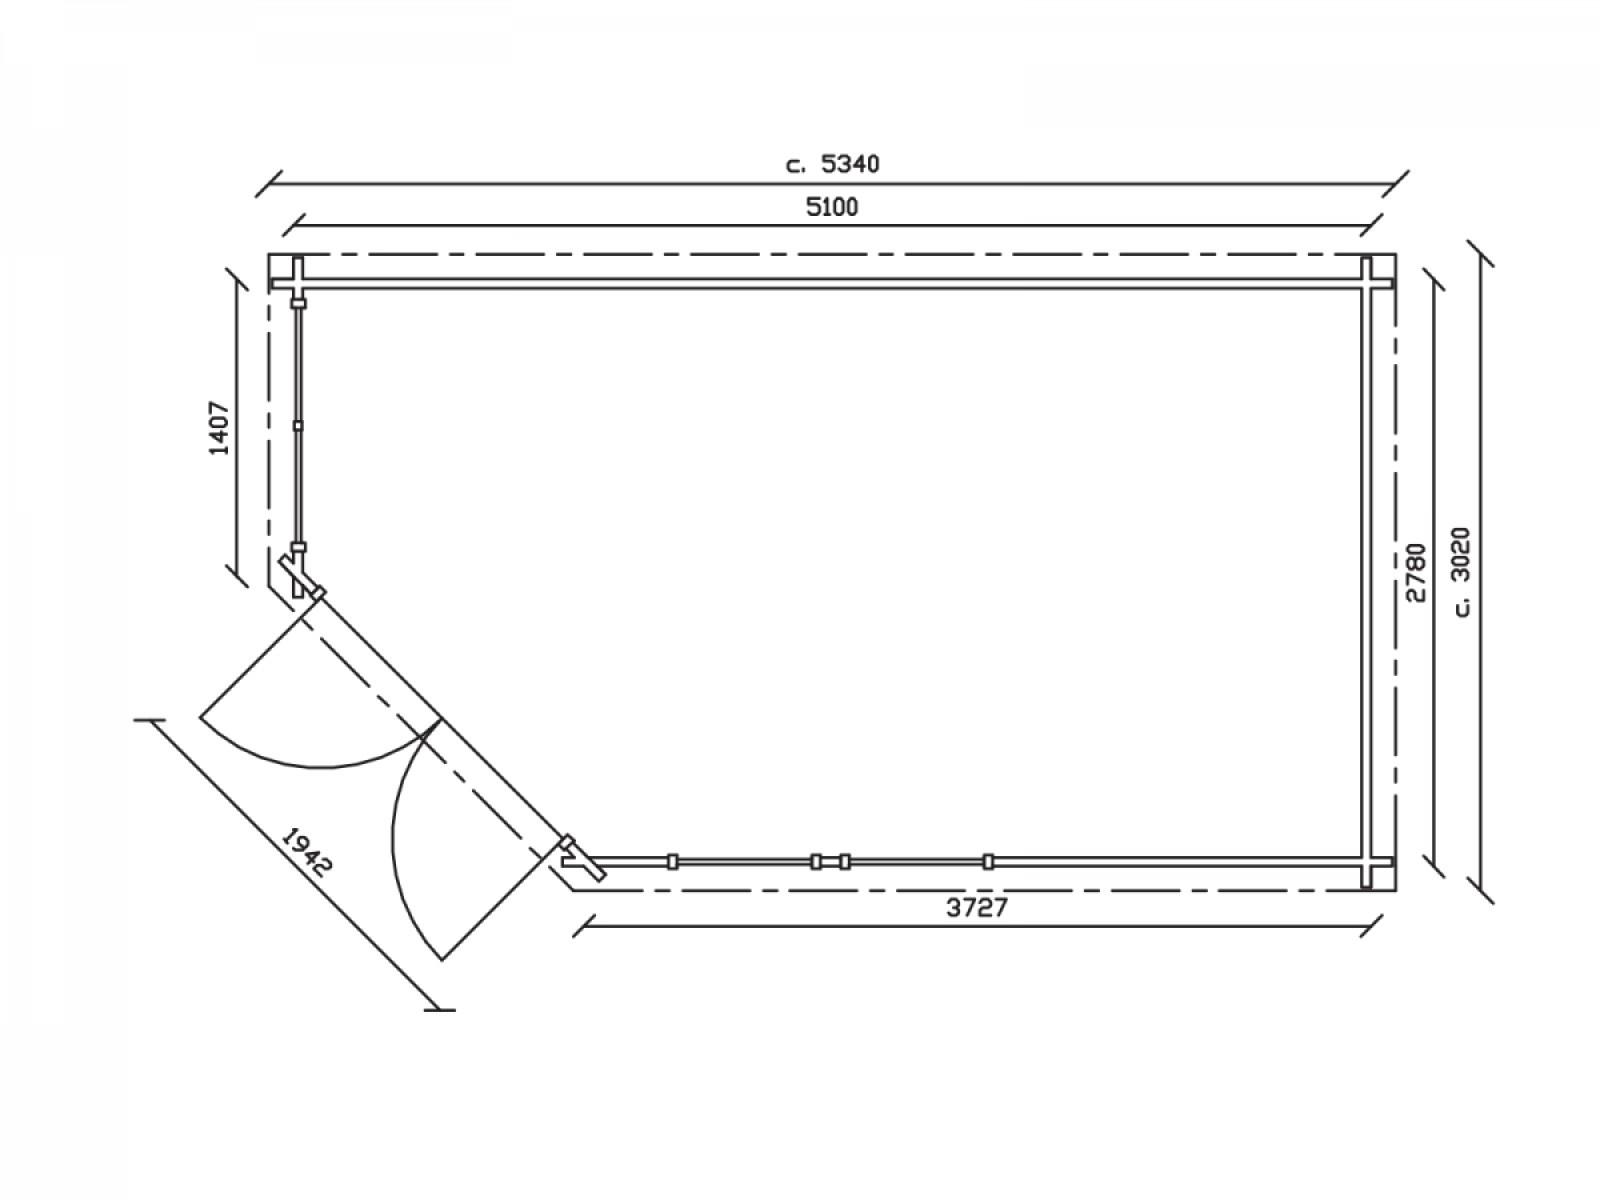 1624959827_CL30 floor plan.jpg